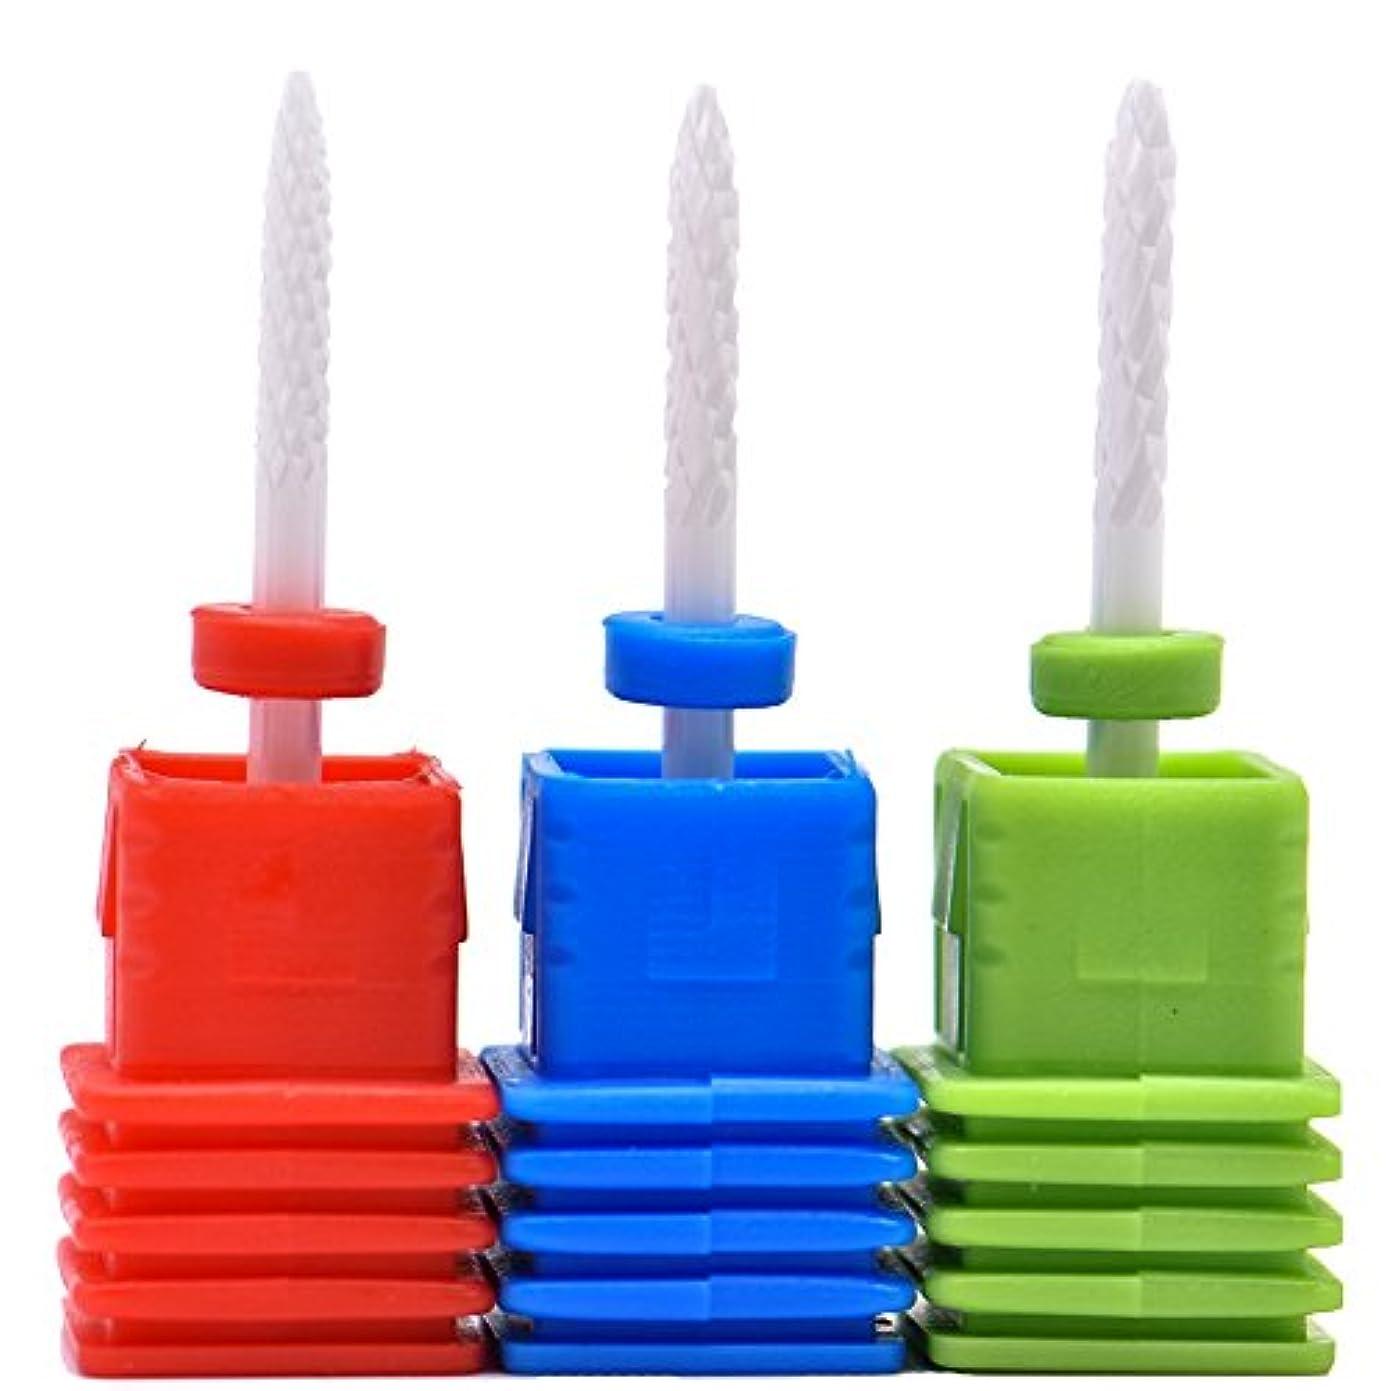 岸バイソンごちそうOral Dentistry ネイルアート ドリルビット 細かい 研削ヘッド 研磨ヘッド ネイル グラインド ヘッド 爪 磨き 研磨 研削 セラミック 全3色 (レッドF(微研削)+ブルーM(中仕上げ)+グリーンC(粗研削))